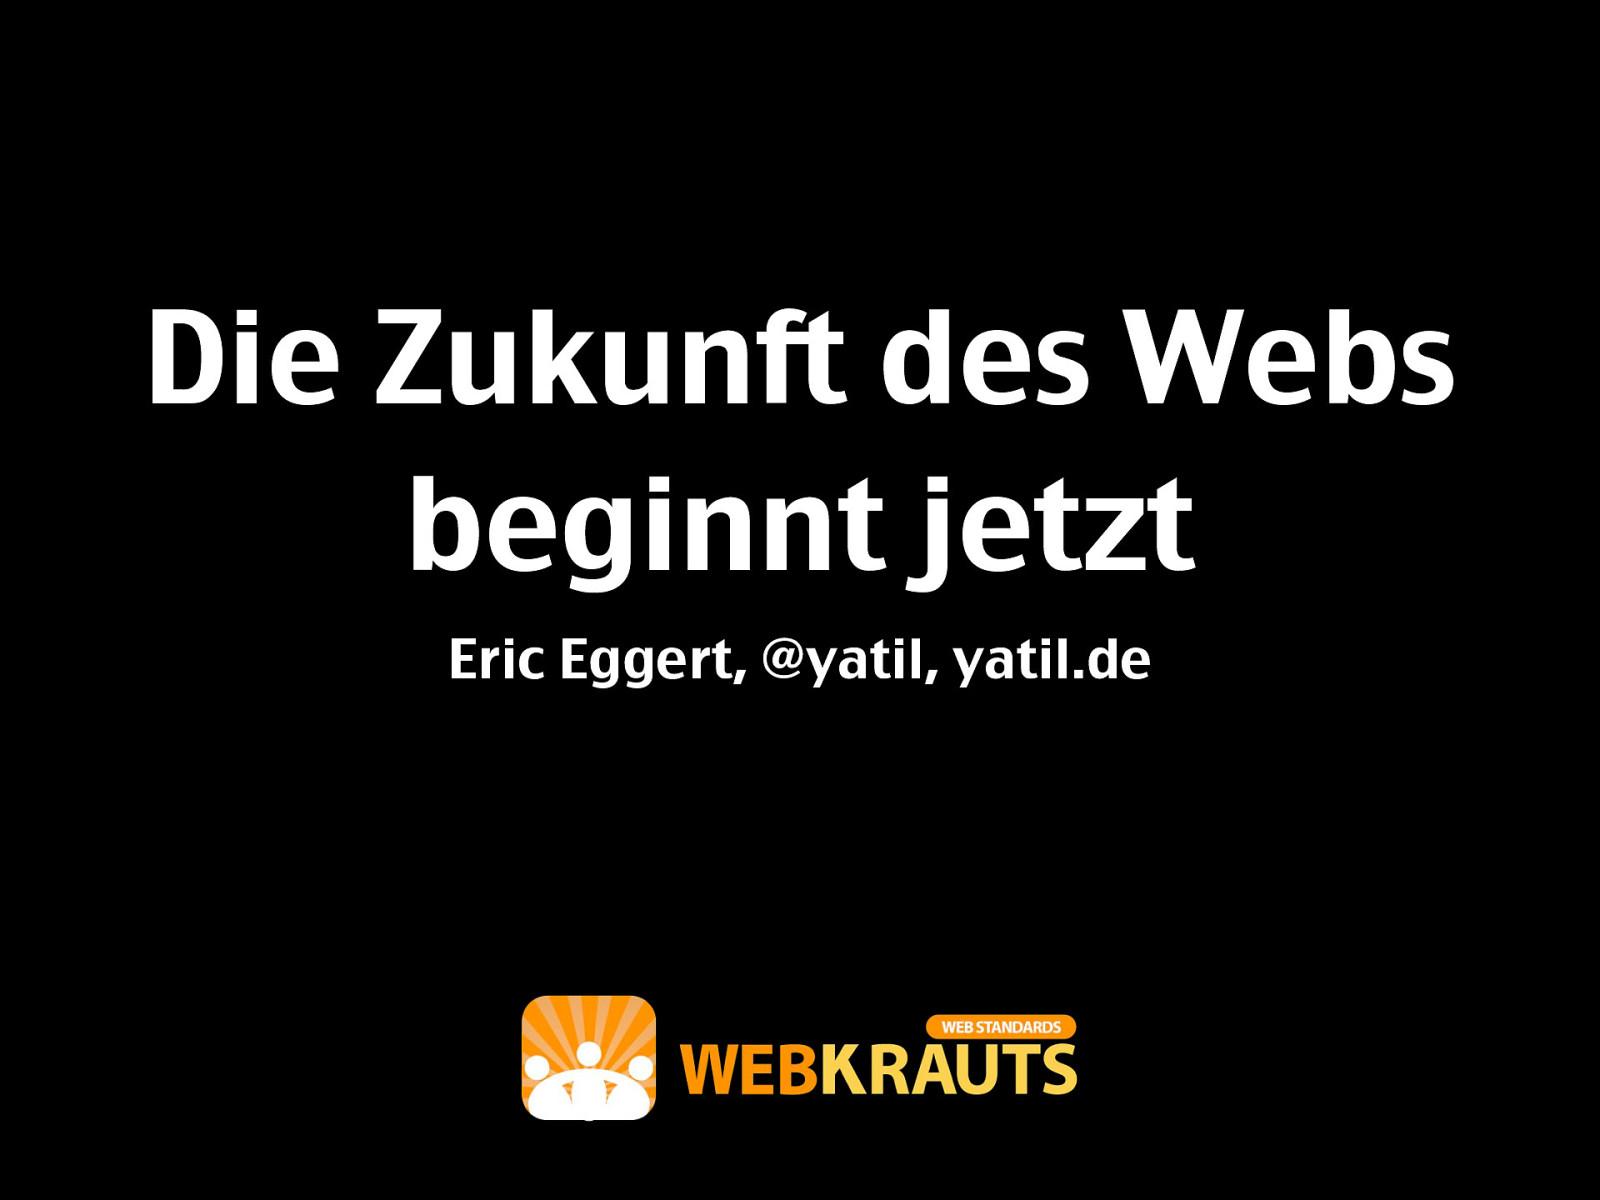 Die Zukunft des Webs beginnt jetzt